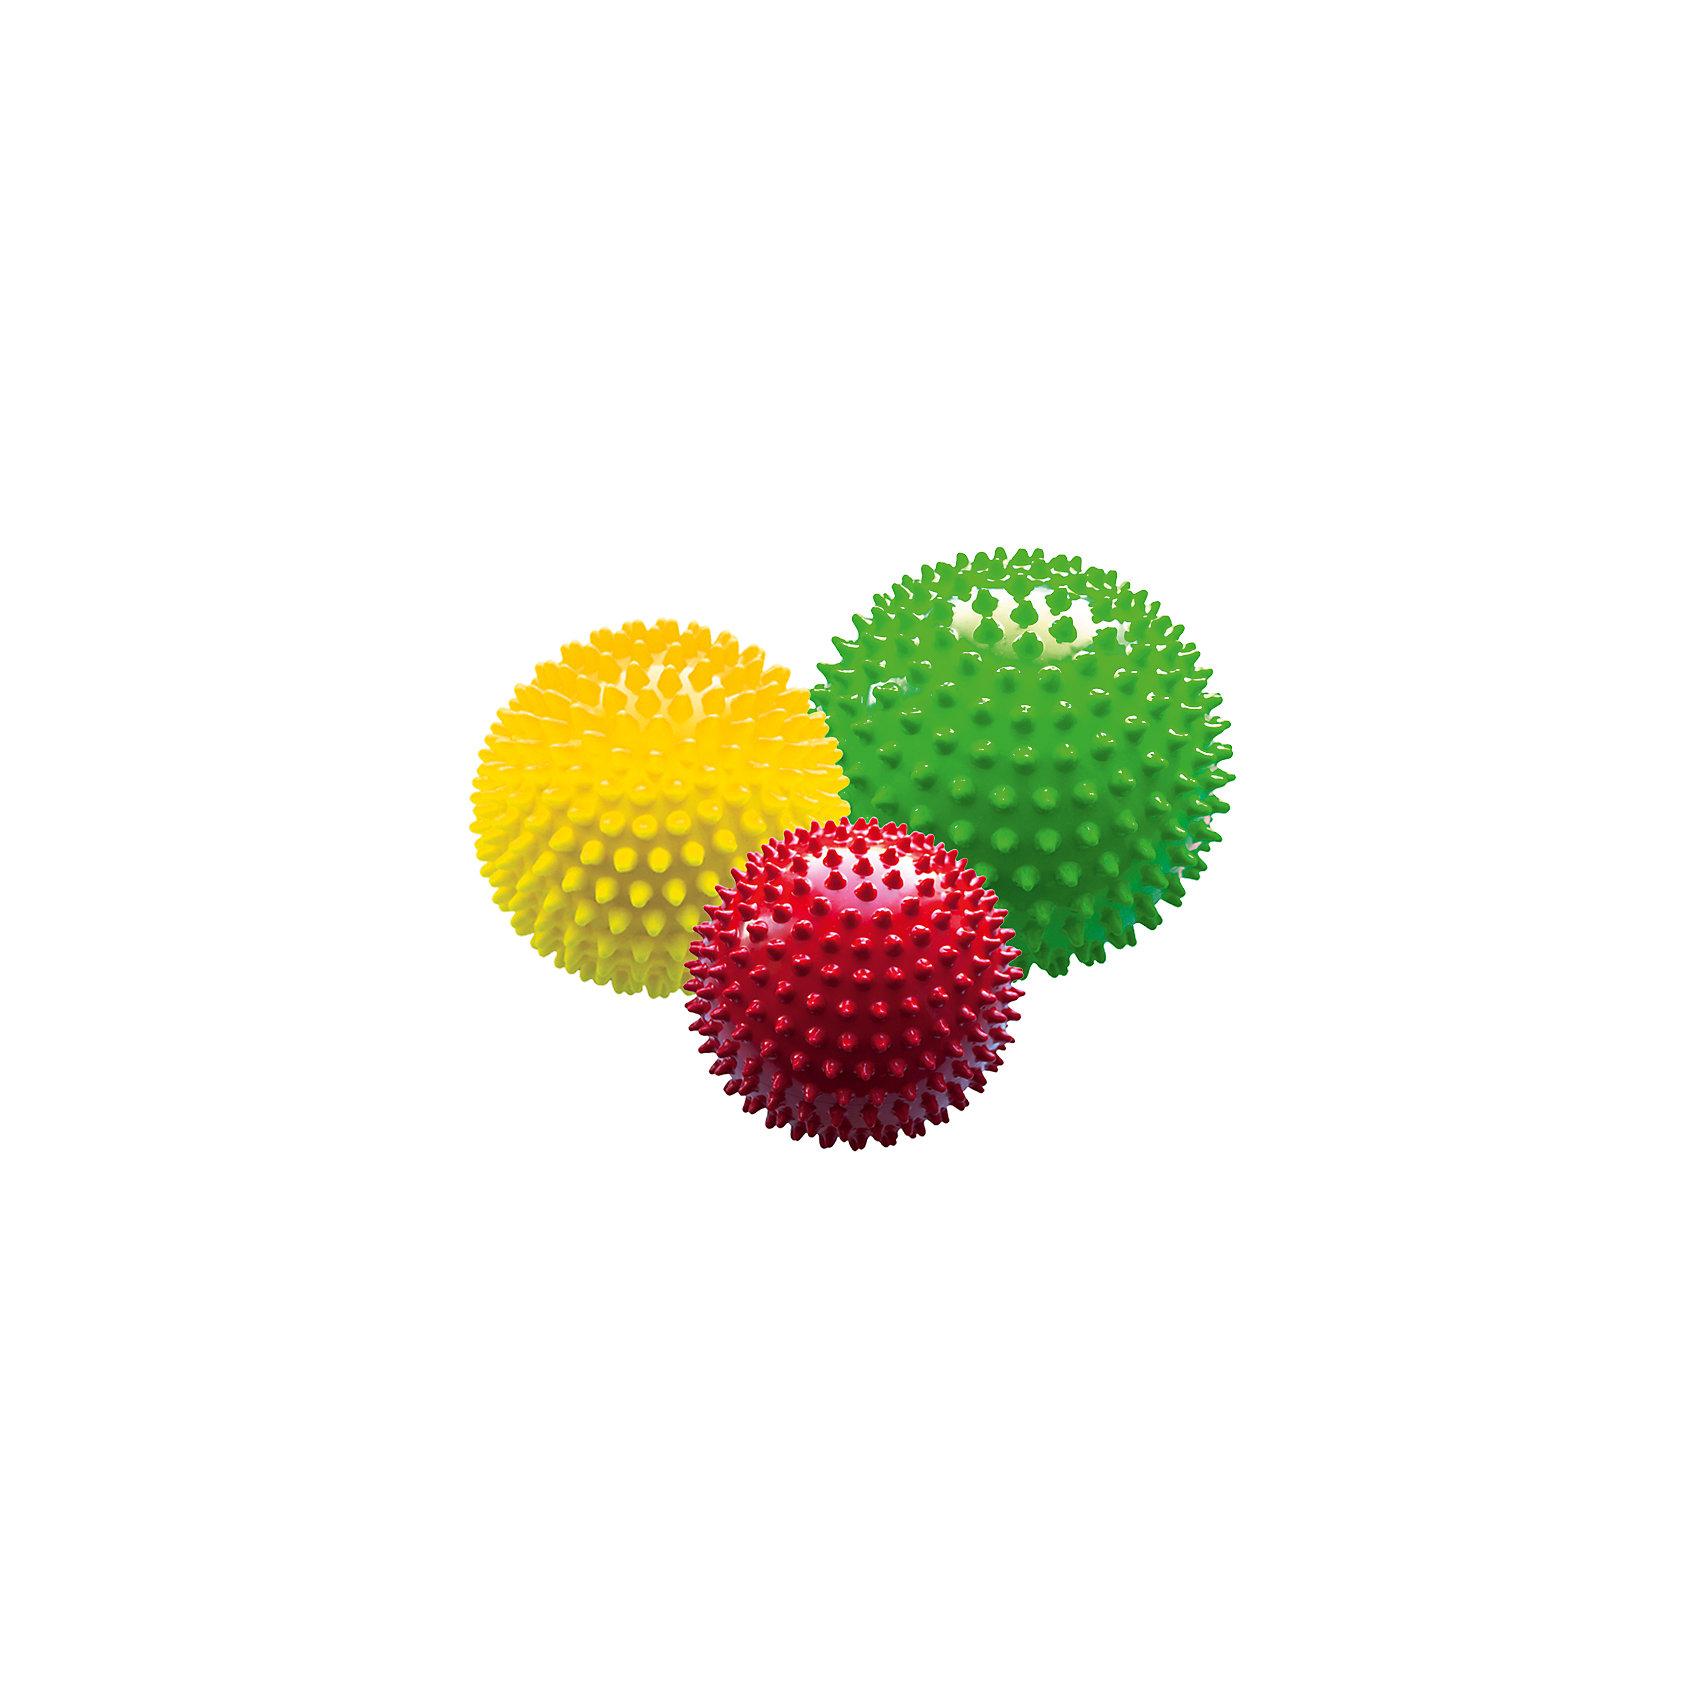 Набор из 3-х мячей ёжиков «Светофор», 8,5 см, МалышОКМячи детские<br>Характеристики товара:<br><br>• в комплекте: 3 мяча;<br>• диаметр мячей: 8,5 см;<br>• материал: ПВХ;<br>• цвет: красный, желтый, зеленый;<br>• возраст: от 0 месяцев;<br>• размер упаковки: 9х9х30 см;<br>• вес: 190 грамм;<br>• страна бренда: Россия.<br><br>Мячи ёжики предназначены для детского массажа, игр, а также для использования в воде. В набор «Светофор» входят 3 мяча диаметром 8,5 сантиметров. <br><br>Яркие мячи привлекут внимание малыша. Играя с мячами, ребенок развивает цветовое восприятие, тактильные ощущения, координацию движений и моторику рук.<br><br>Массаж с использованием мячей улучшает кровоток и положительно влияет на развитие нервной системы.<br><br>Мячи изготовлены из гипоаллергенных материалов.<br><br>Набор из 3-х мячей ёжиков «Светофор», 8,5 см, МалышОК можно купить в нашем интернет-магазине.<br><br>Ширина мм: 300<br>Глубина мм: 90<br>Высота мм: 90<br>Вес г: 190<br>Возраст от месяцев: 4<br>Возраст до месяцев: 2147483647<br>Пол: Унисекс<br>Возраст: Детский<br>SKU: 6894032